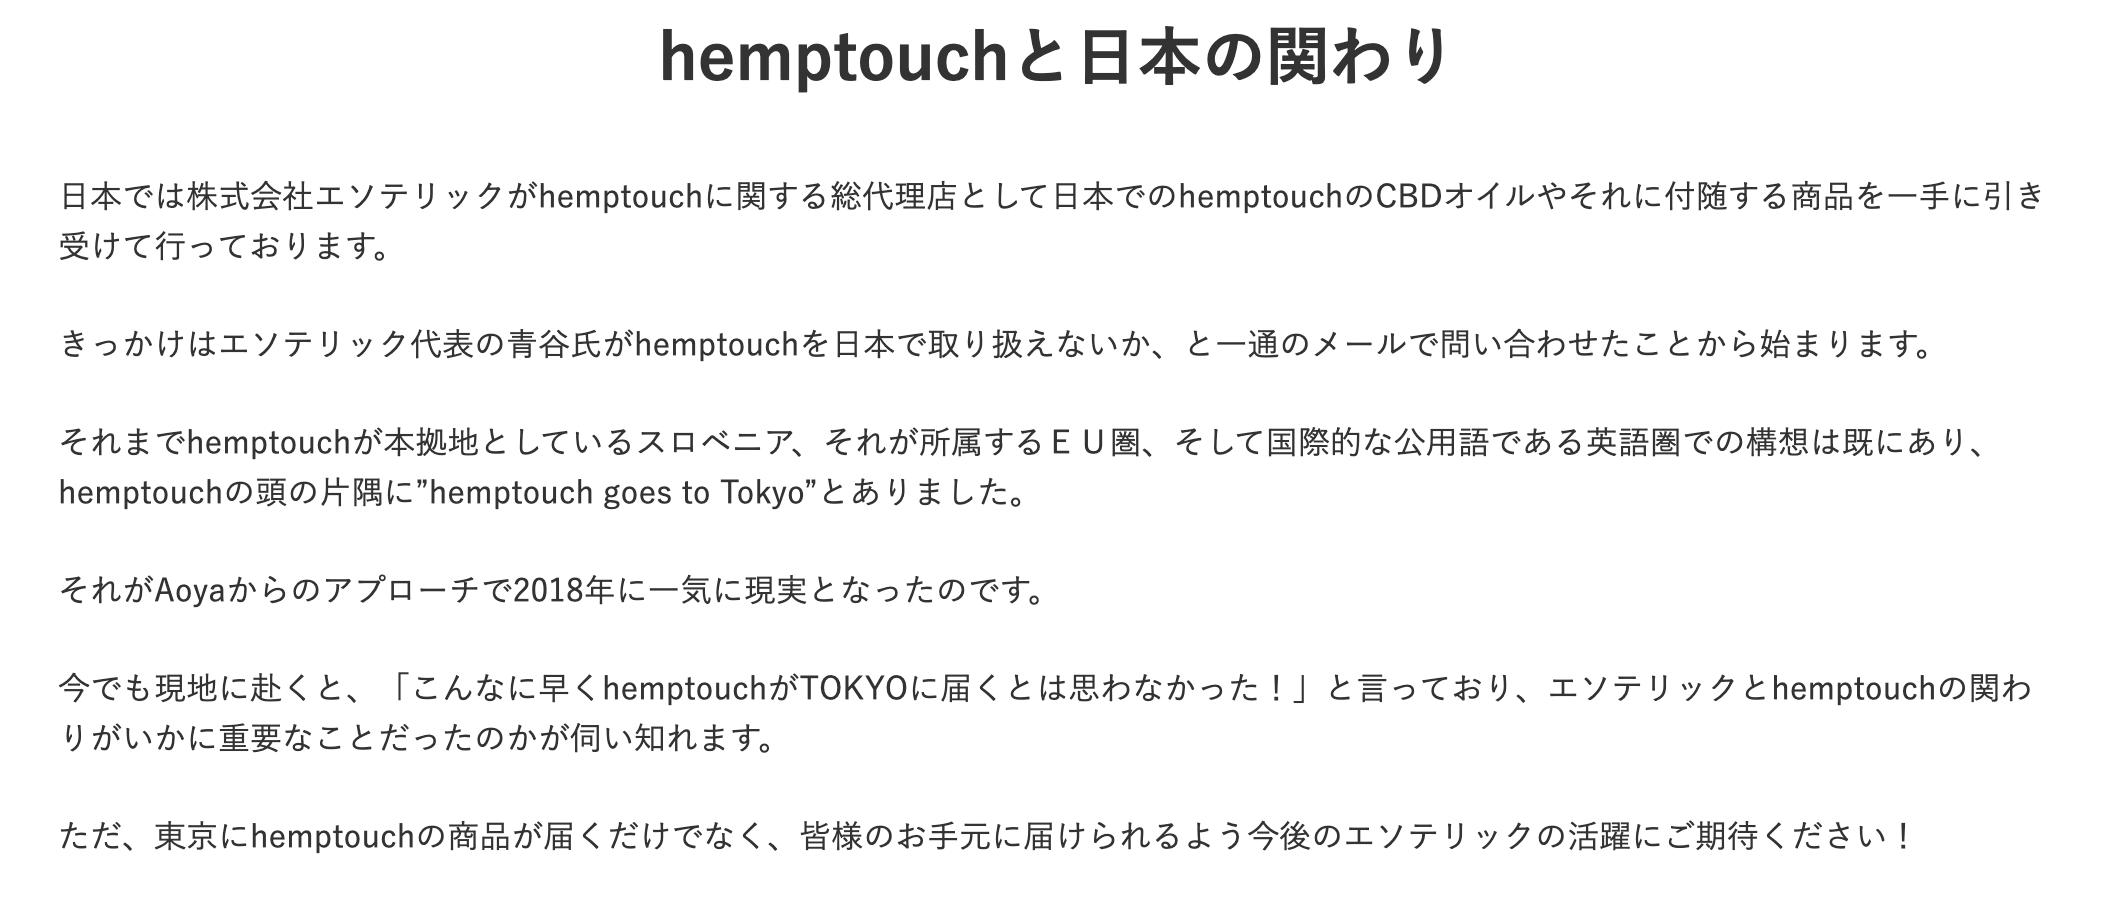 ヘンプタッチと日本の関わり